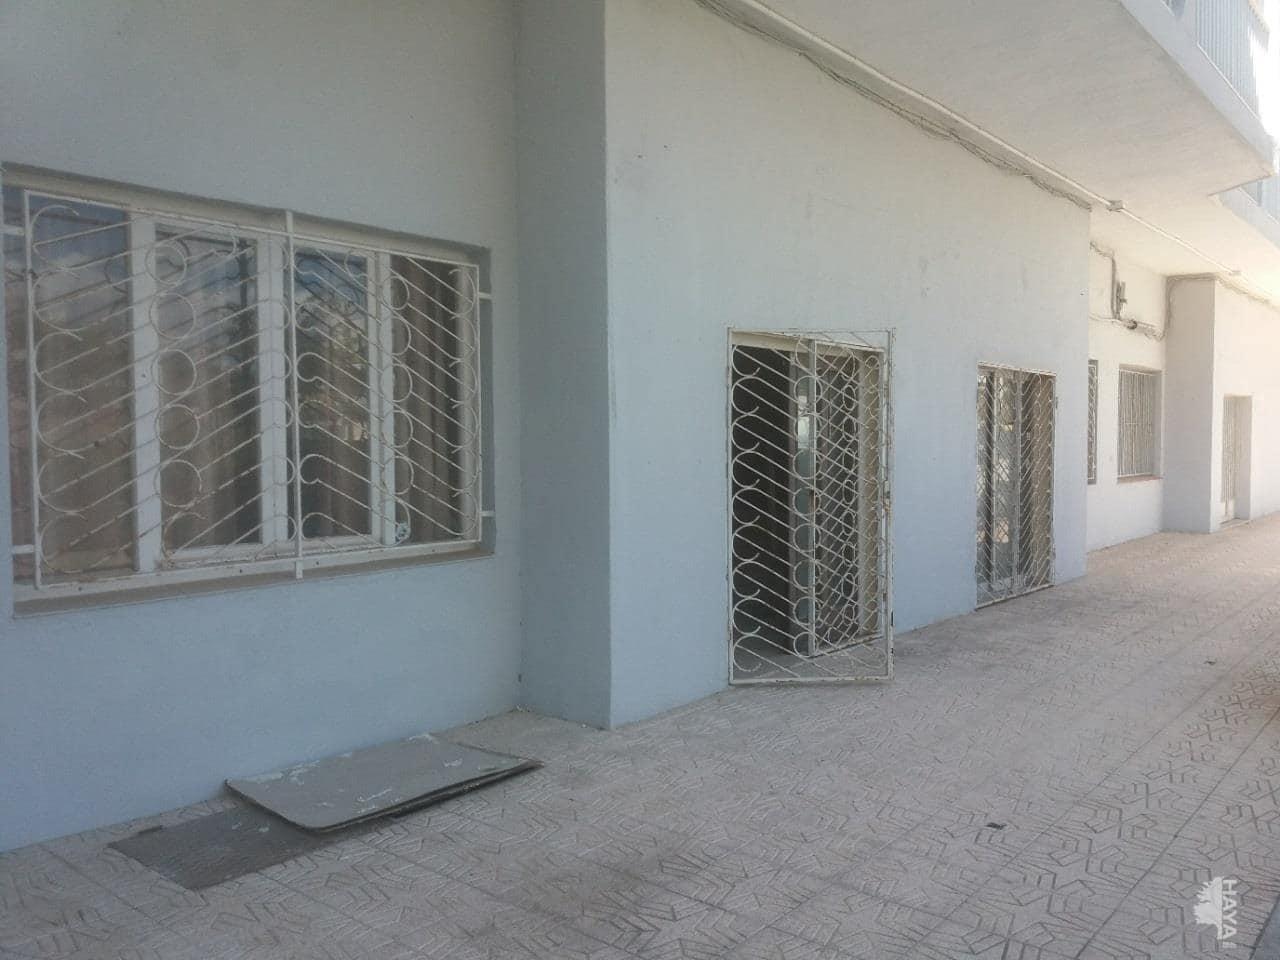 Local en venta en Calpe/calp, Alicante, Avenida Juan Carlos I, 59.928 €, 40 m2